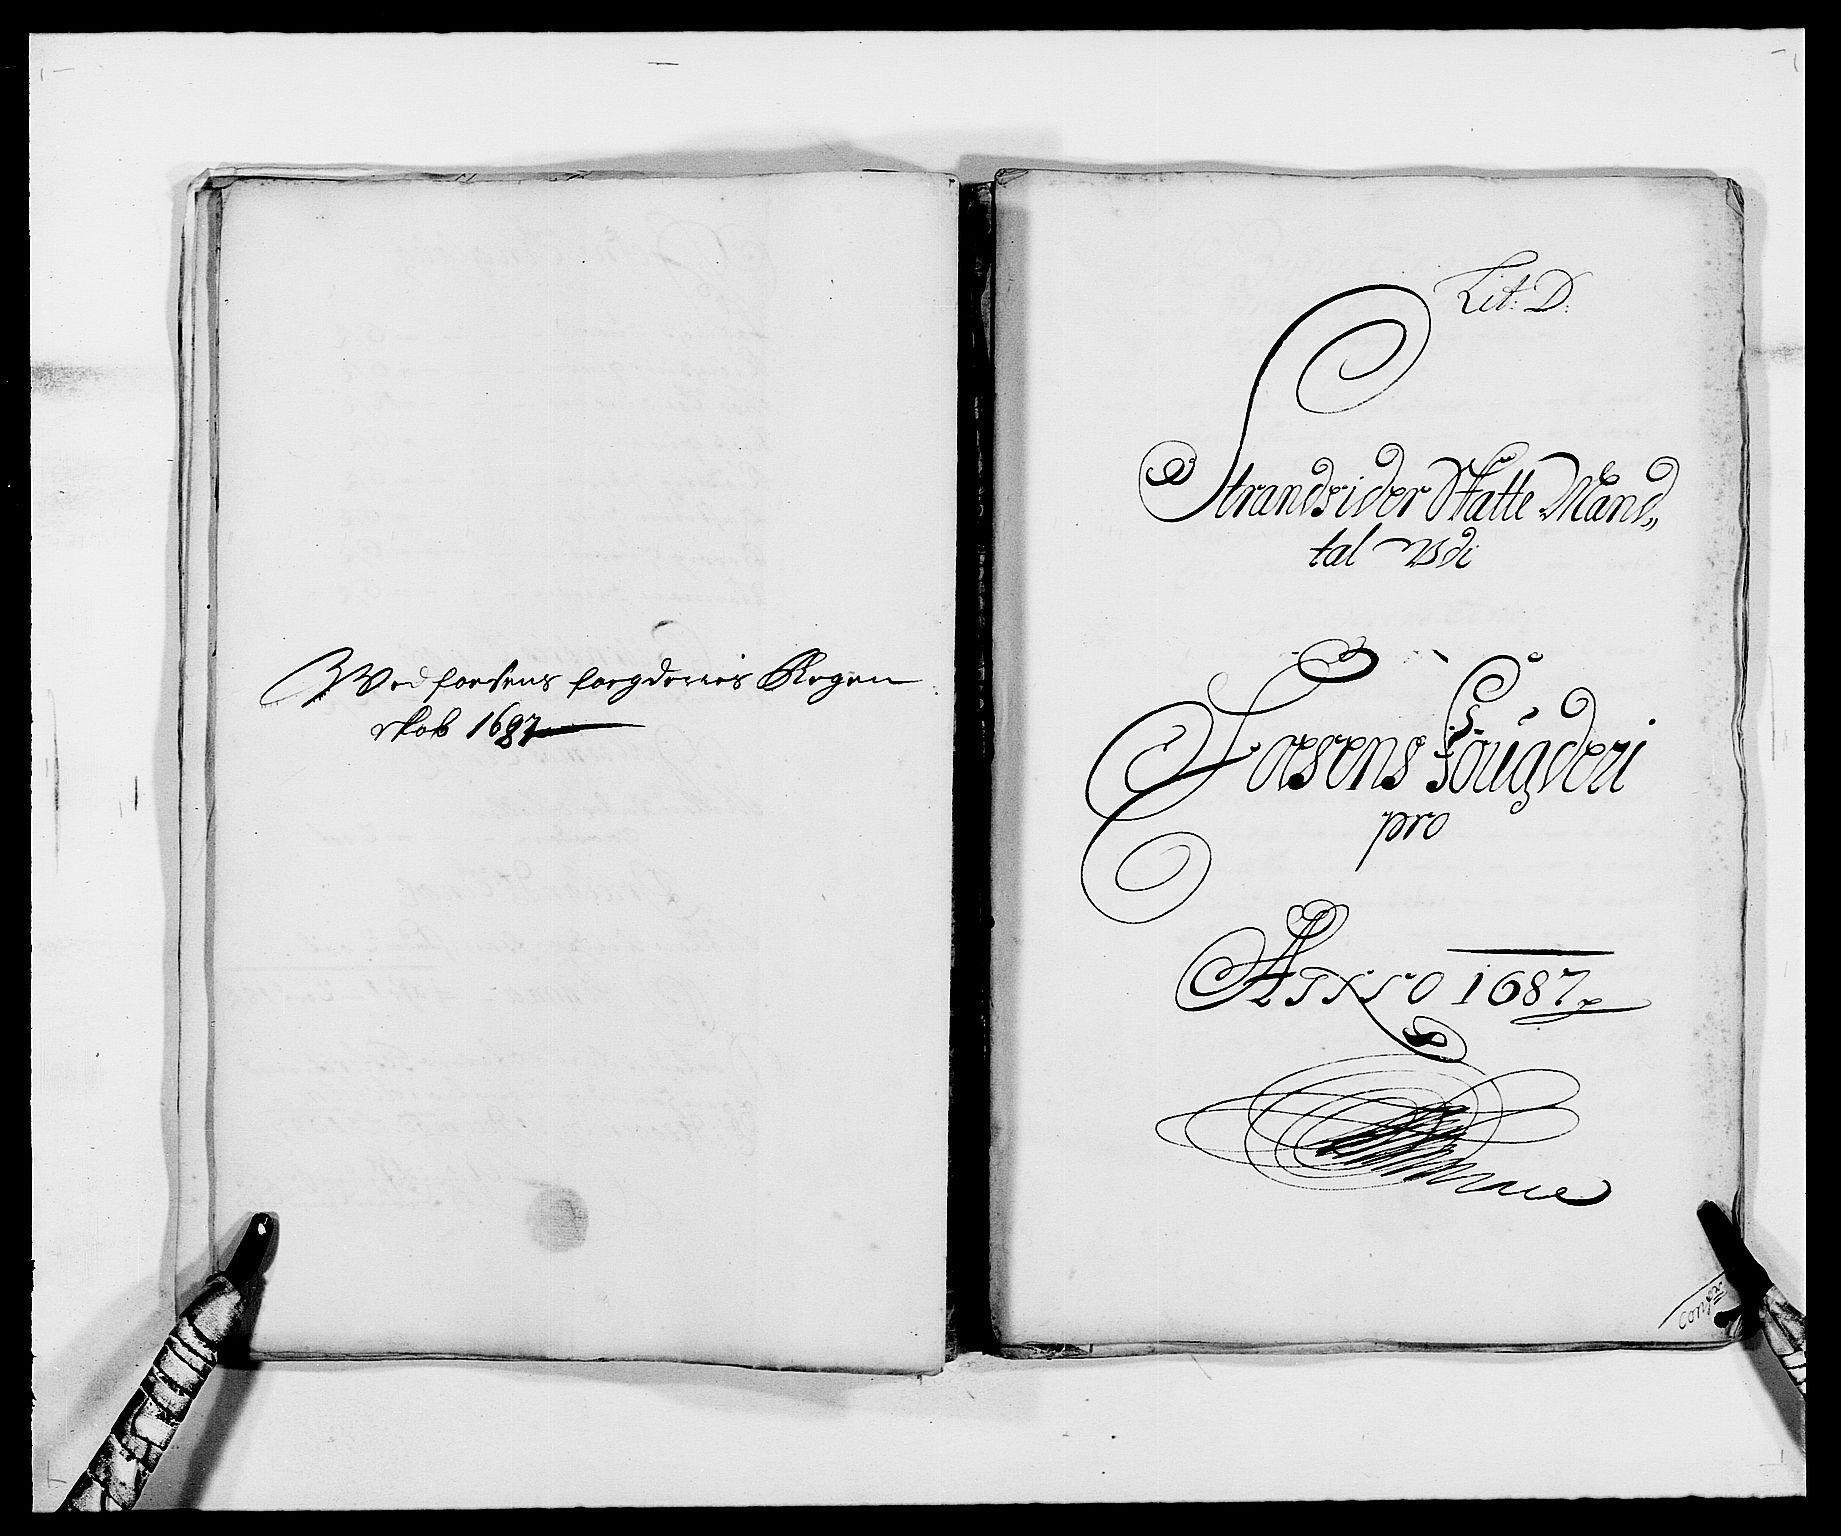 RA, Rentekammeret inntil 1814, Reviderte regnskaper, Fogderegnskap, R57/L3845: Fogderegnskap Fosen, 1687, s. 31